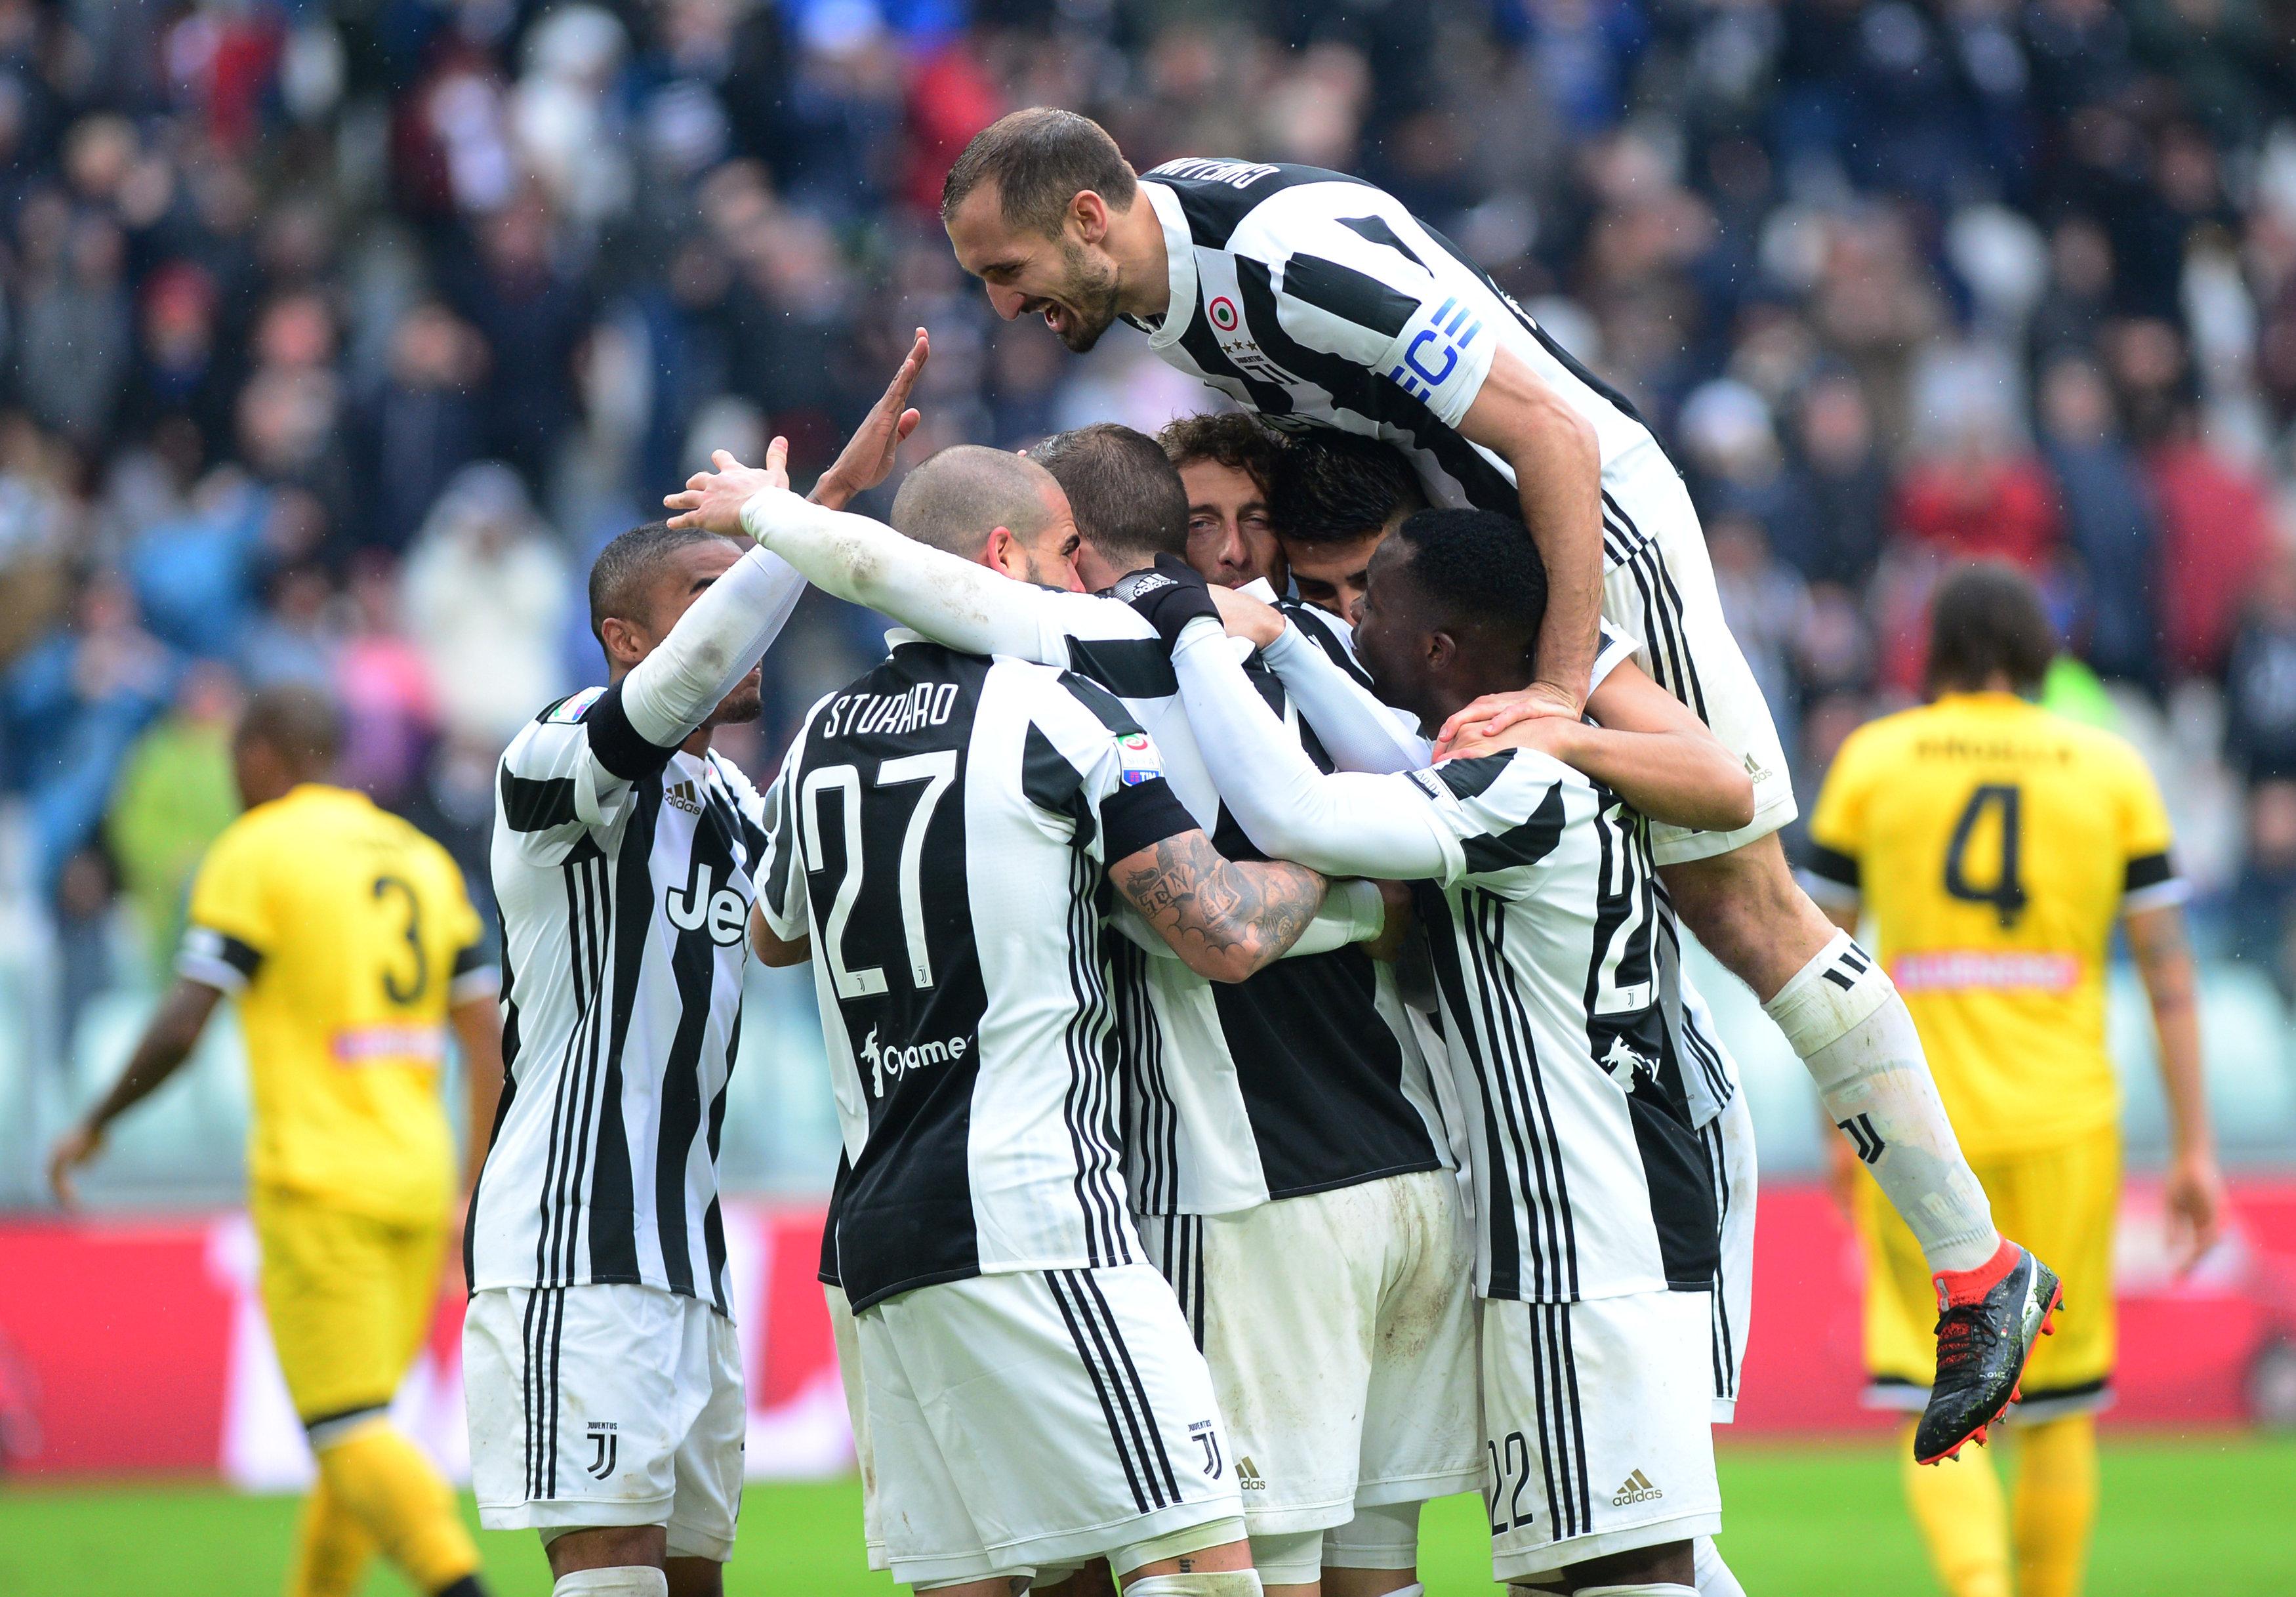 Niềm vui của các cầu thủ Juventus sau khi Dybala nâng tỉ số lên 2-0. Ảnh: REUTERS